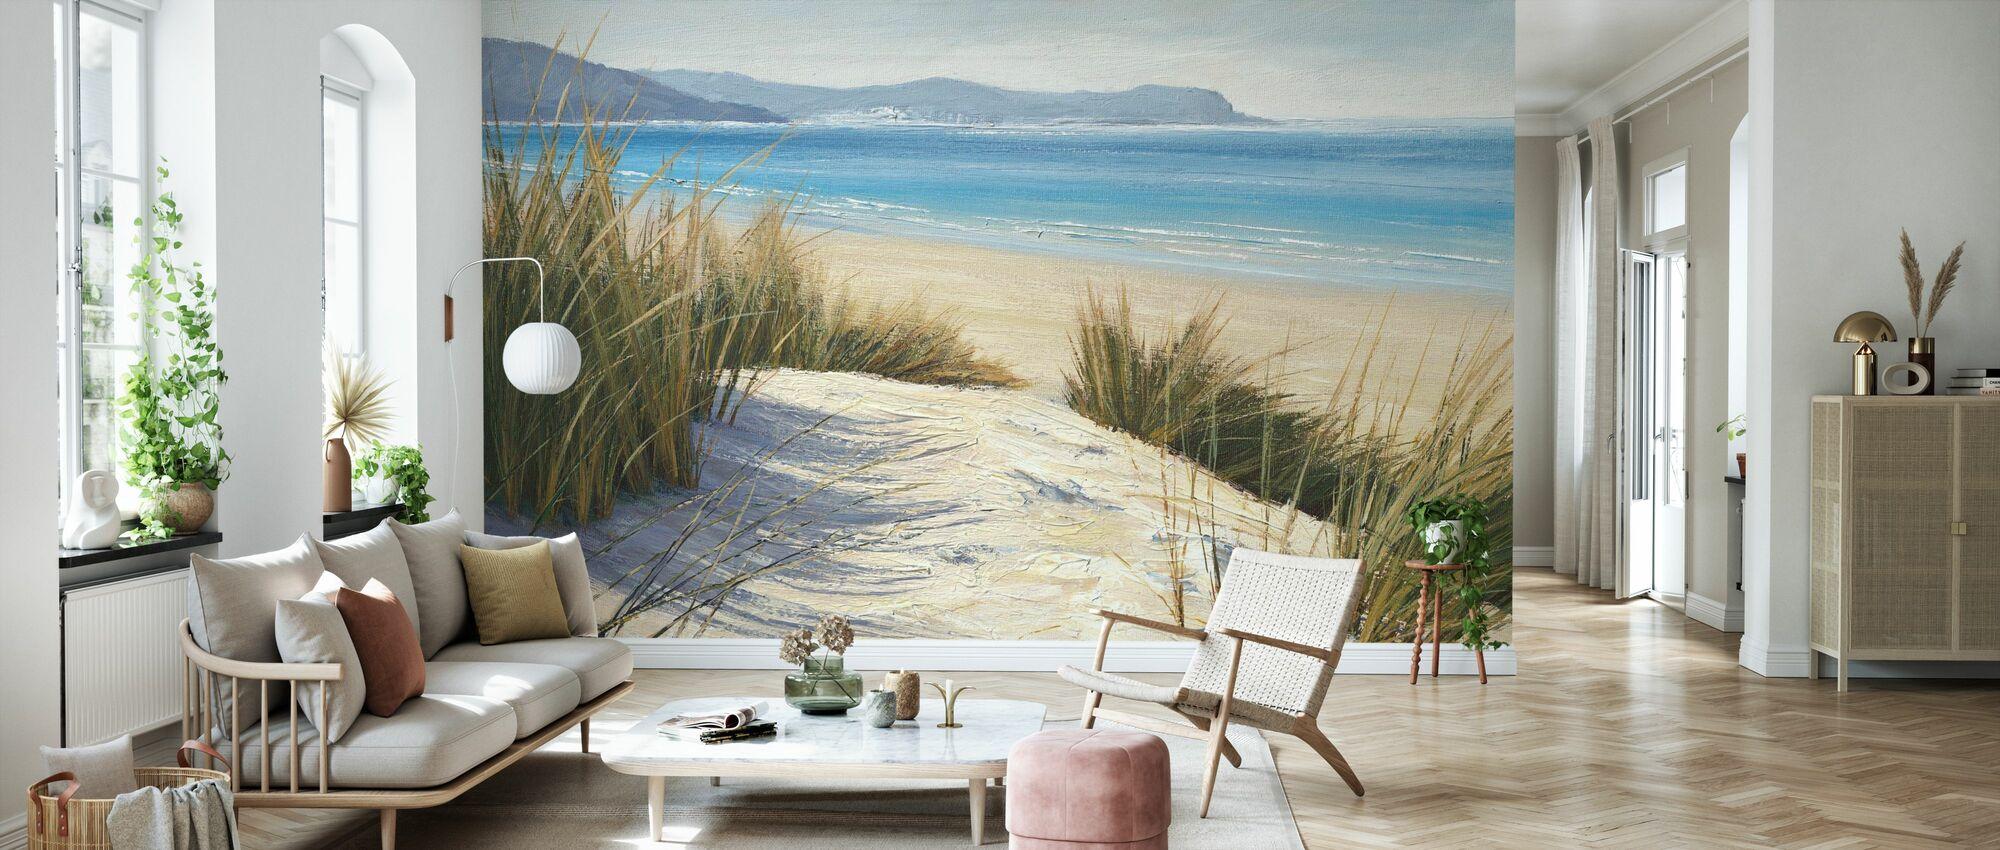 Ettermiddag sanddynene - Tapet - Stue